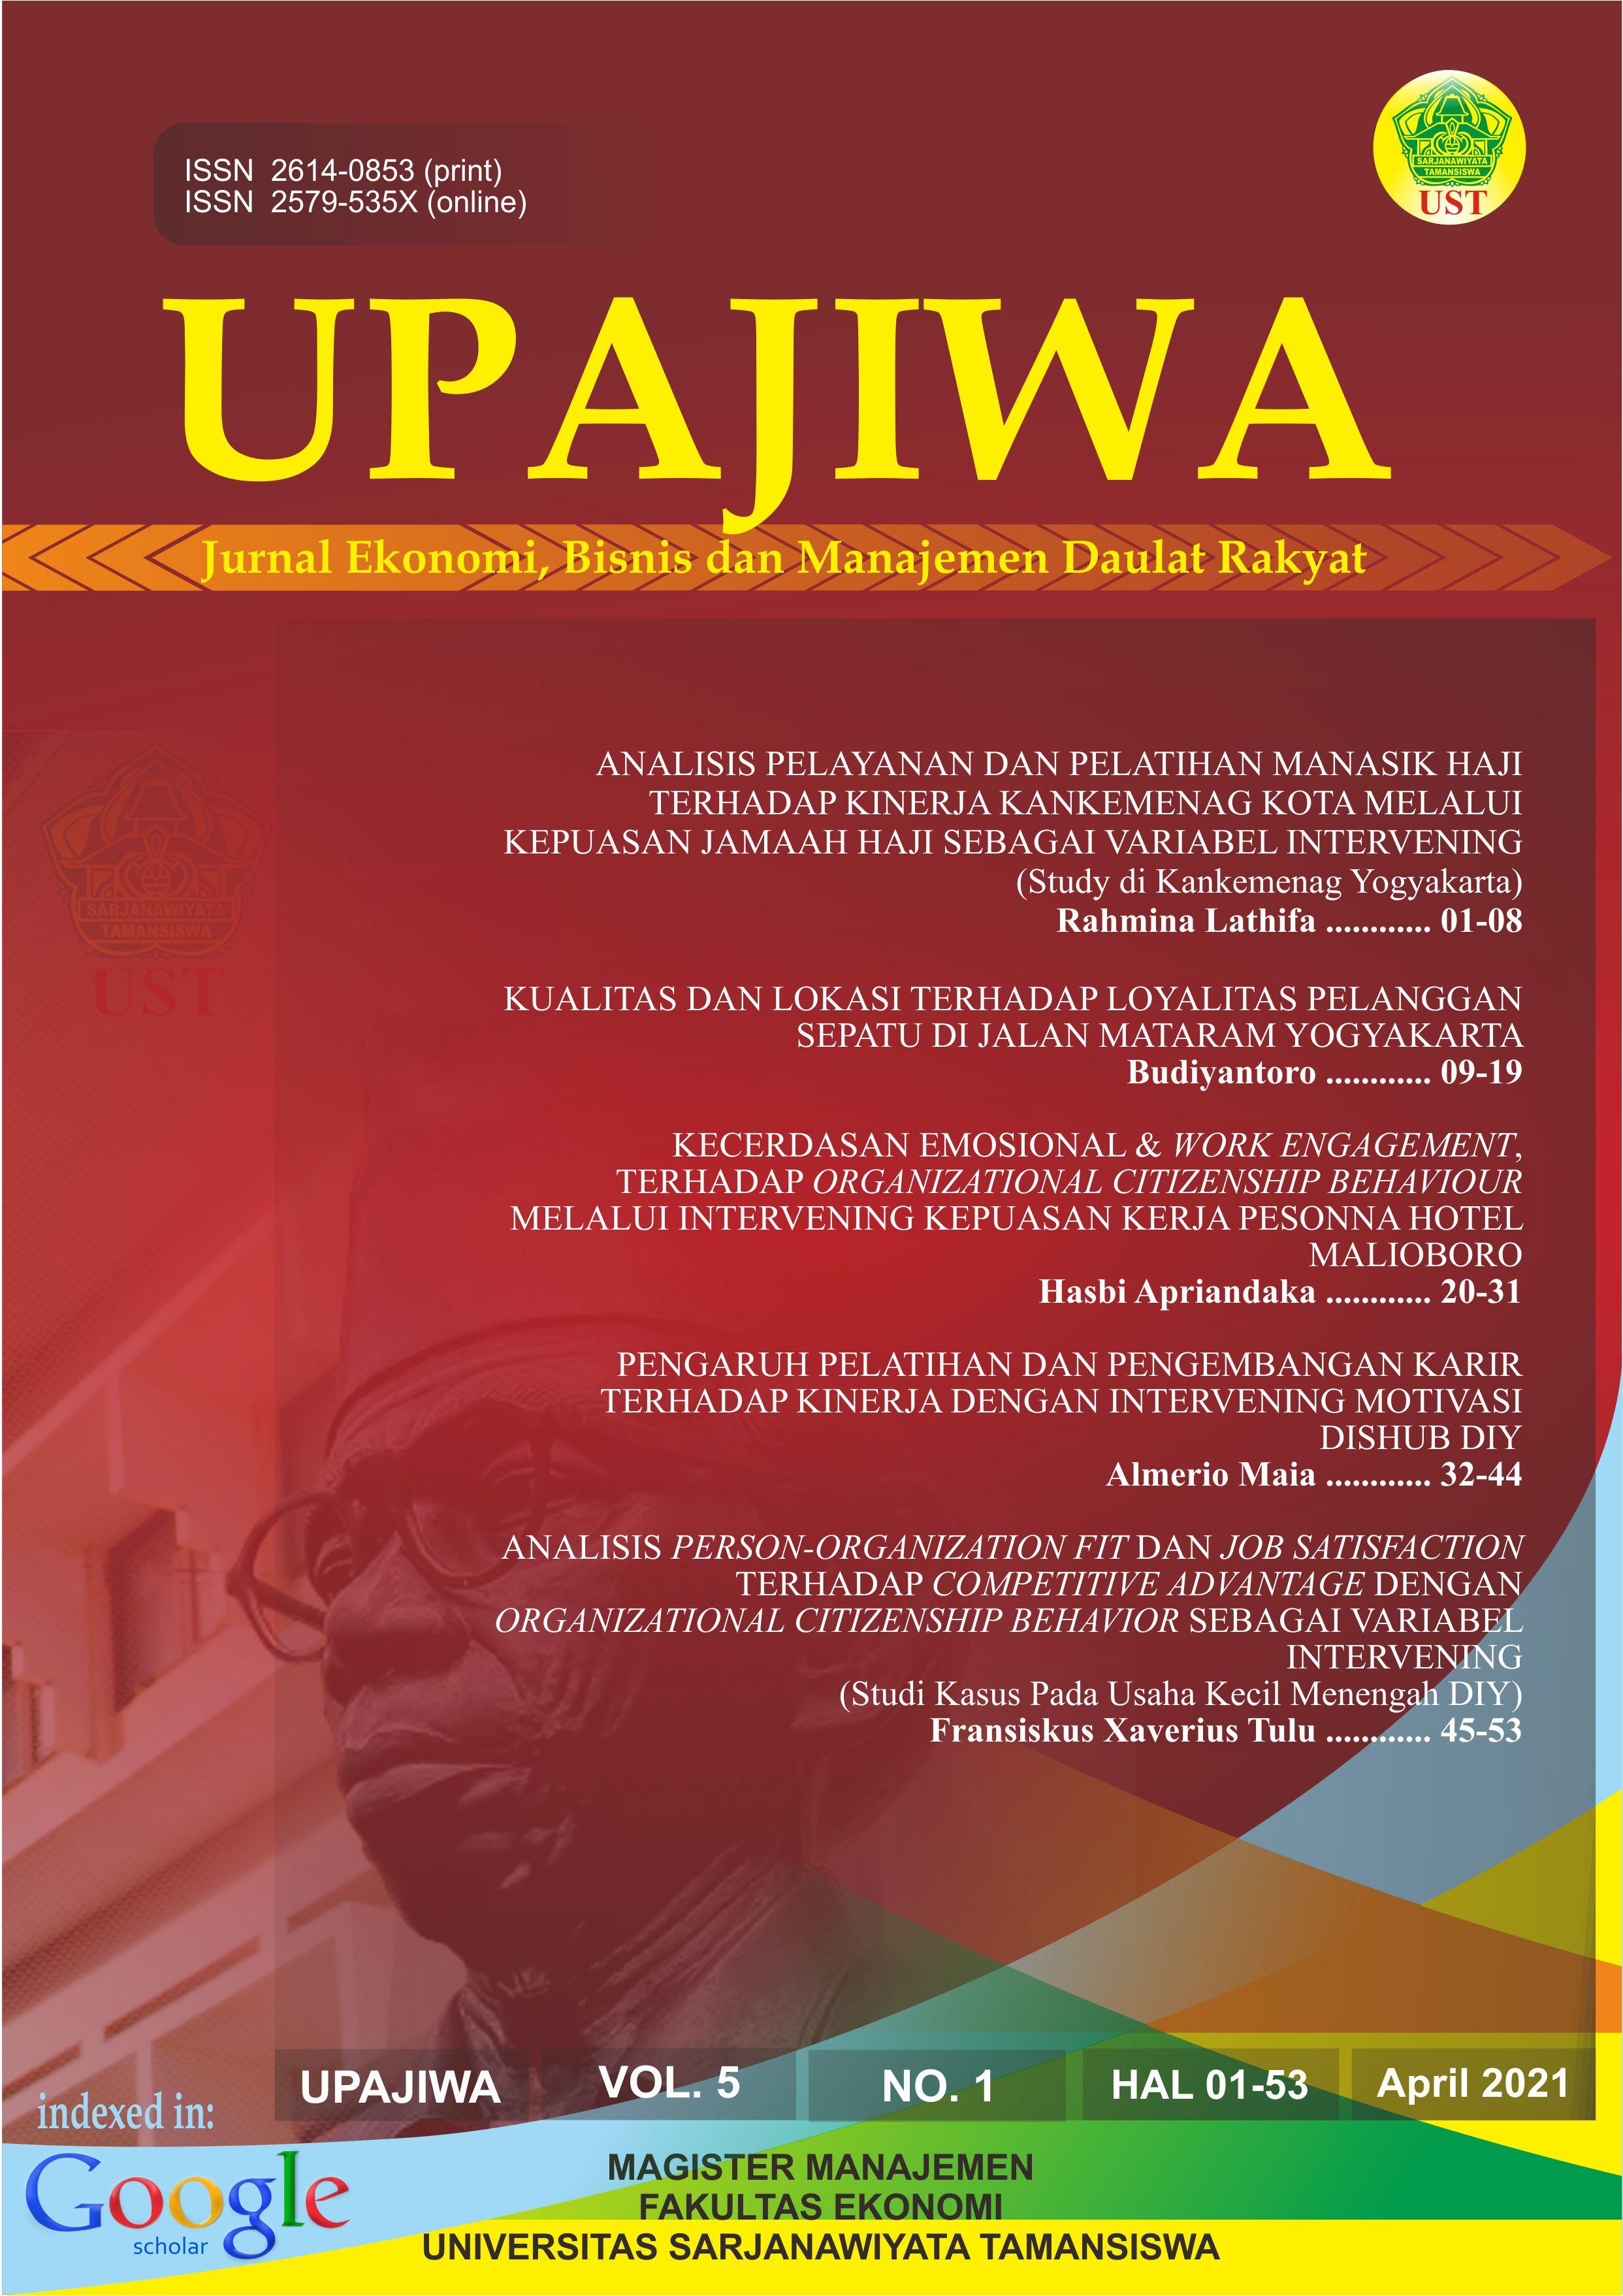 UPAJIWA : Jurnal Ekonomi, Bisnis dan Manajemen Daulat Rakyat